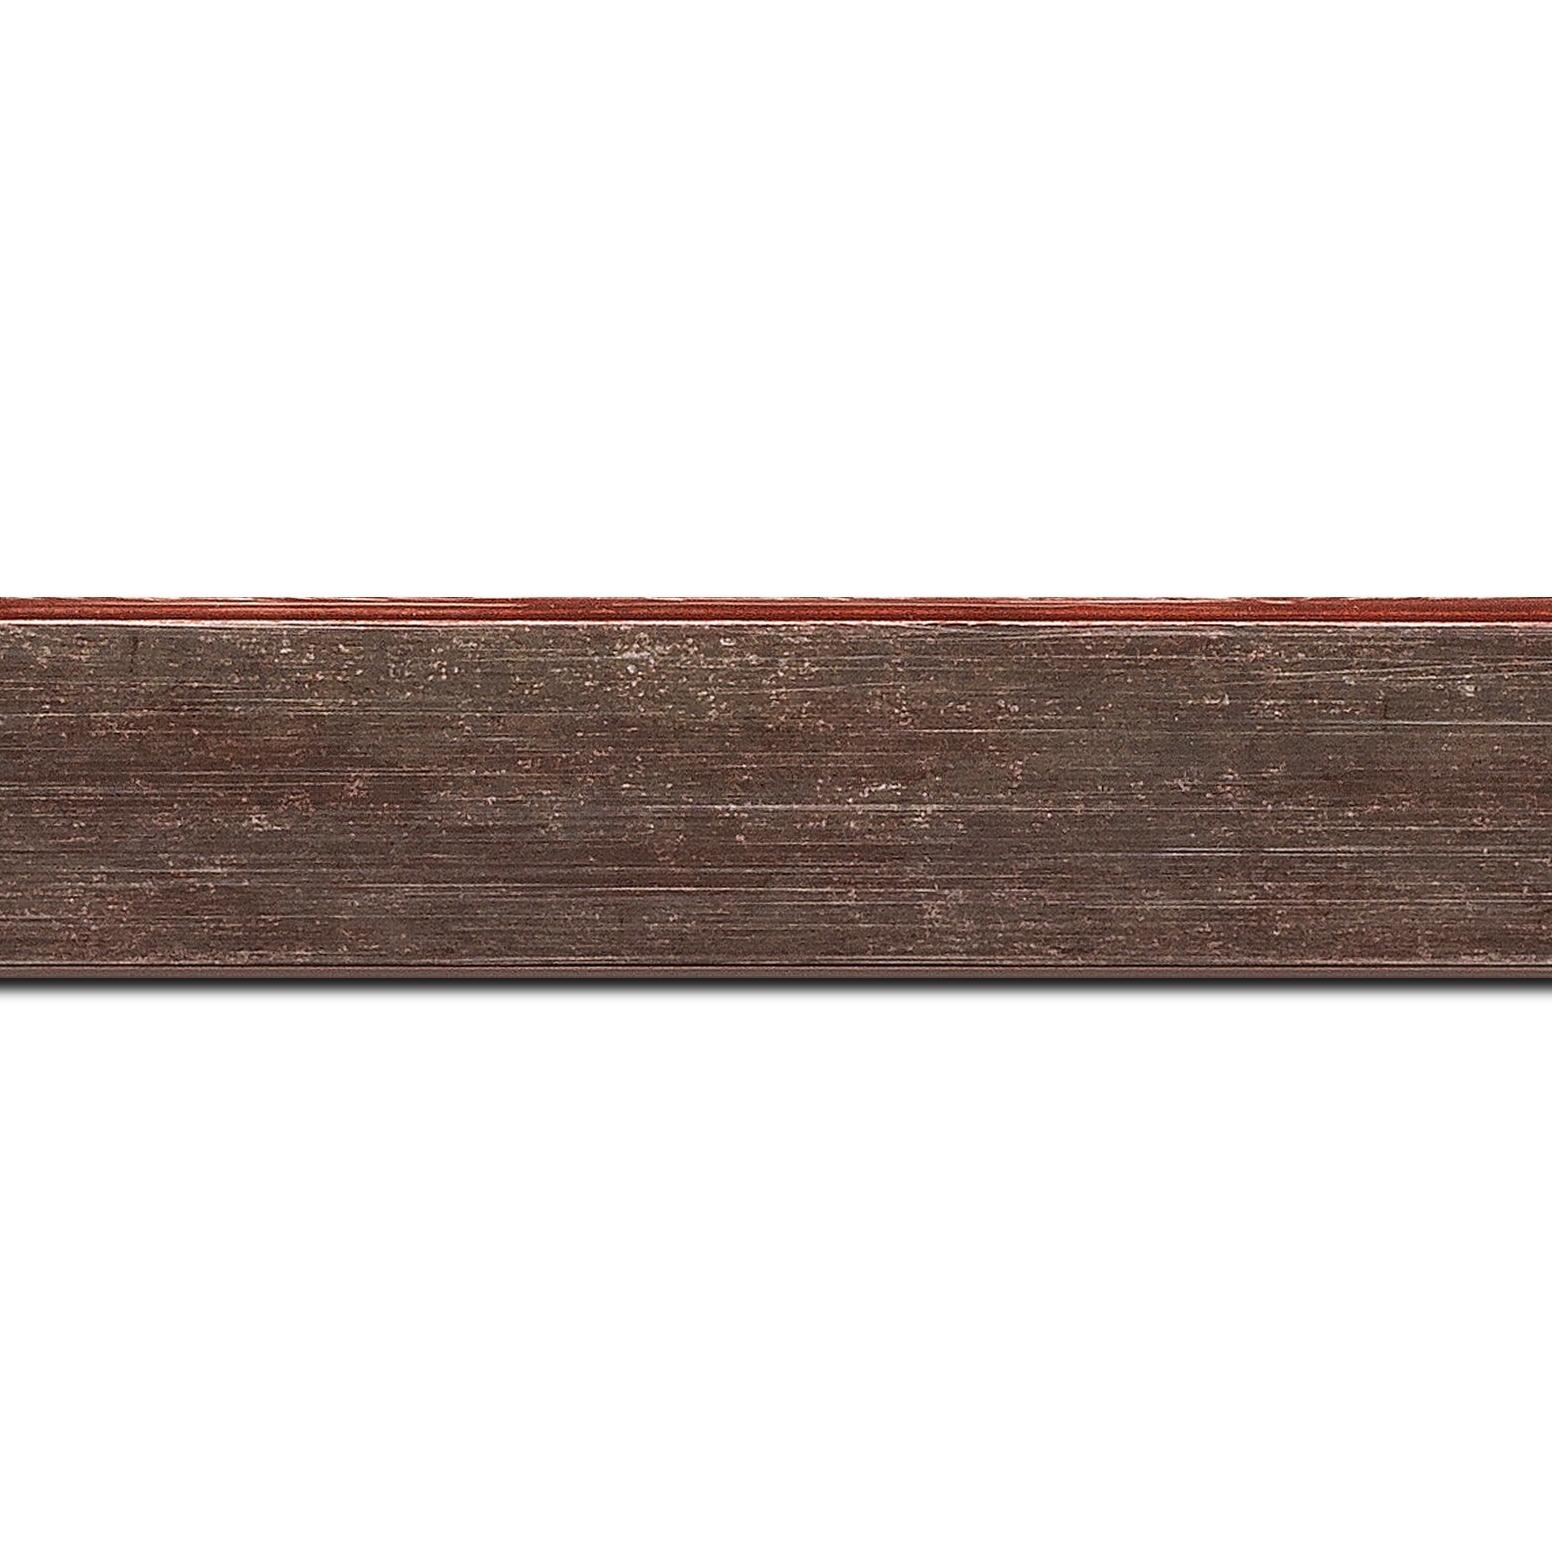 Pack par 12m, bois profil plat incliné largeur 3.7cm couleur bordeaux lie de vin effet ressuyé (longueur baguette pouvant varier entre 2.40m et 3m selon arrivage des bois)